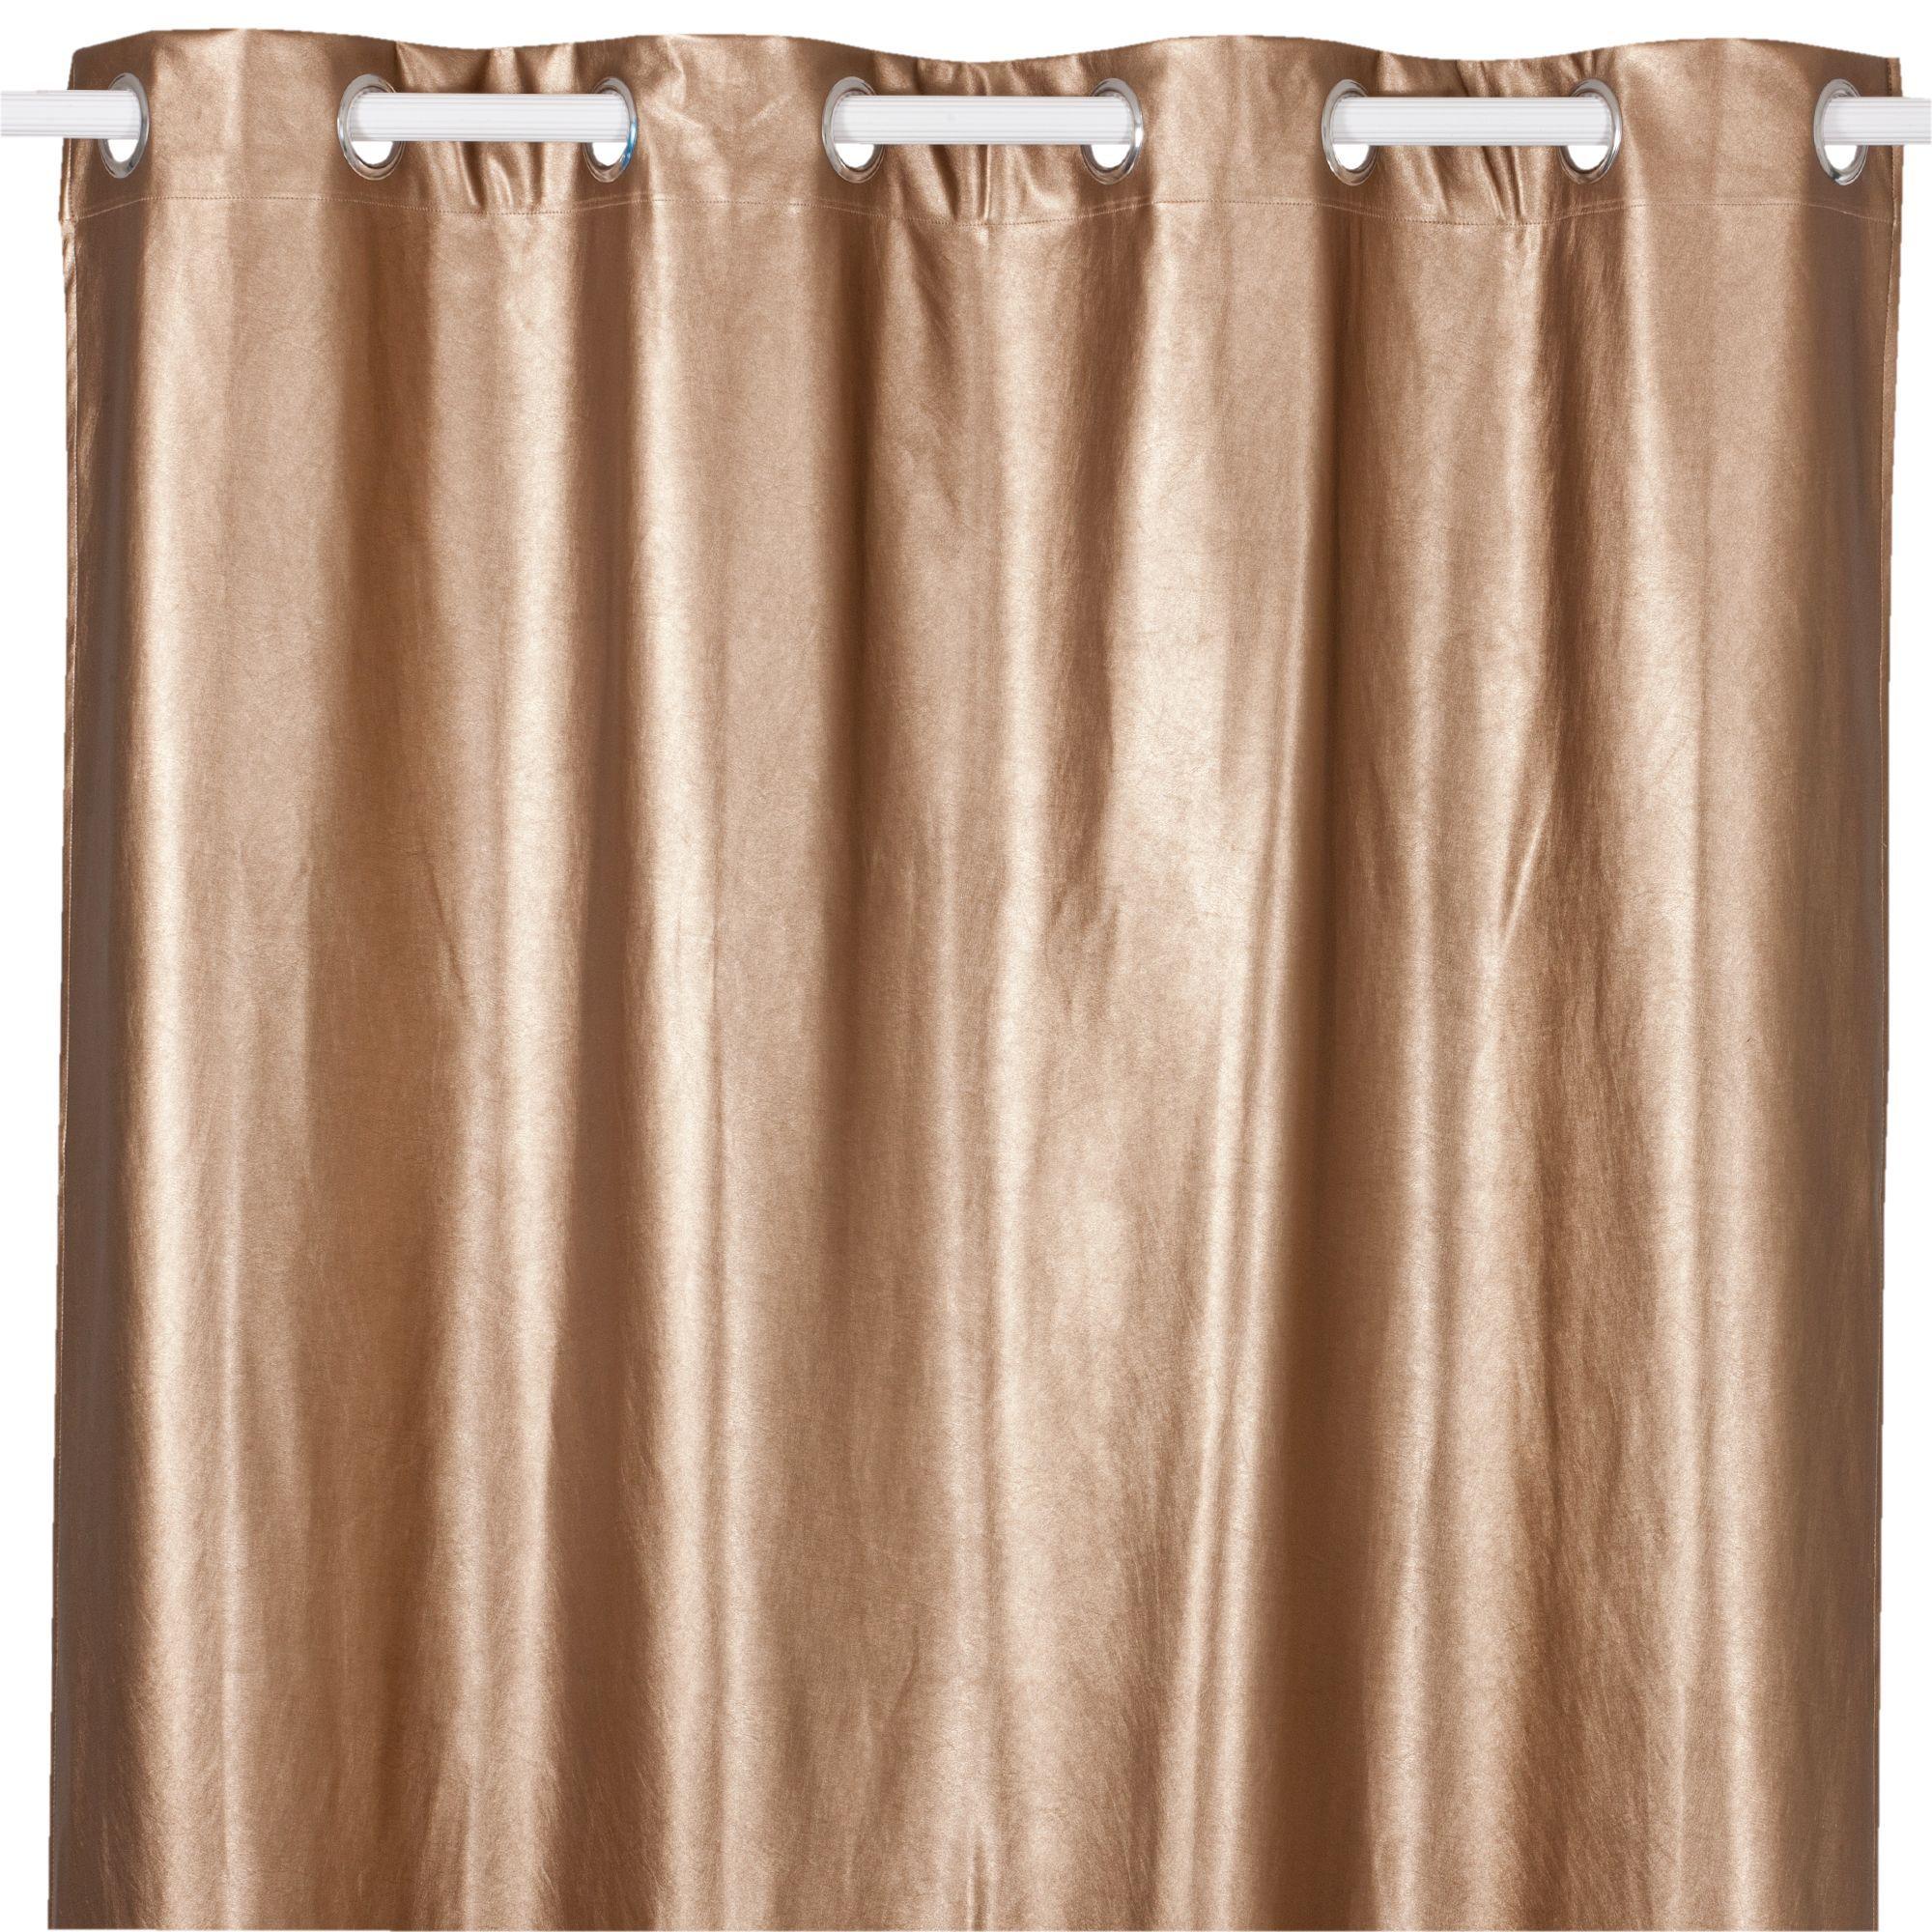 cobre rideaux textiles tapis rideau illets en 135x250cm coloris cuivre objet rose gold. Black Bedroom Furniture Sets. Home Design Ideas